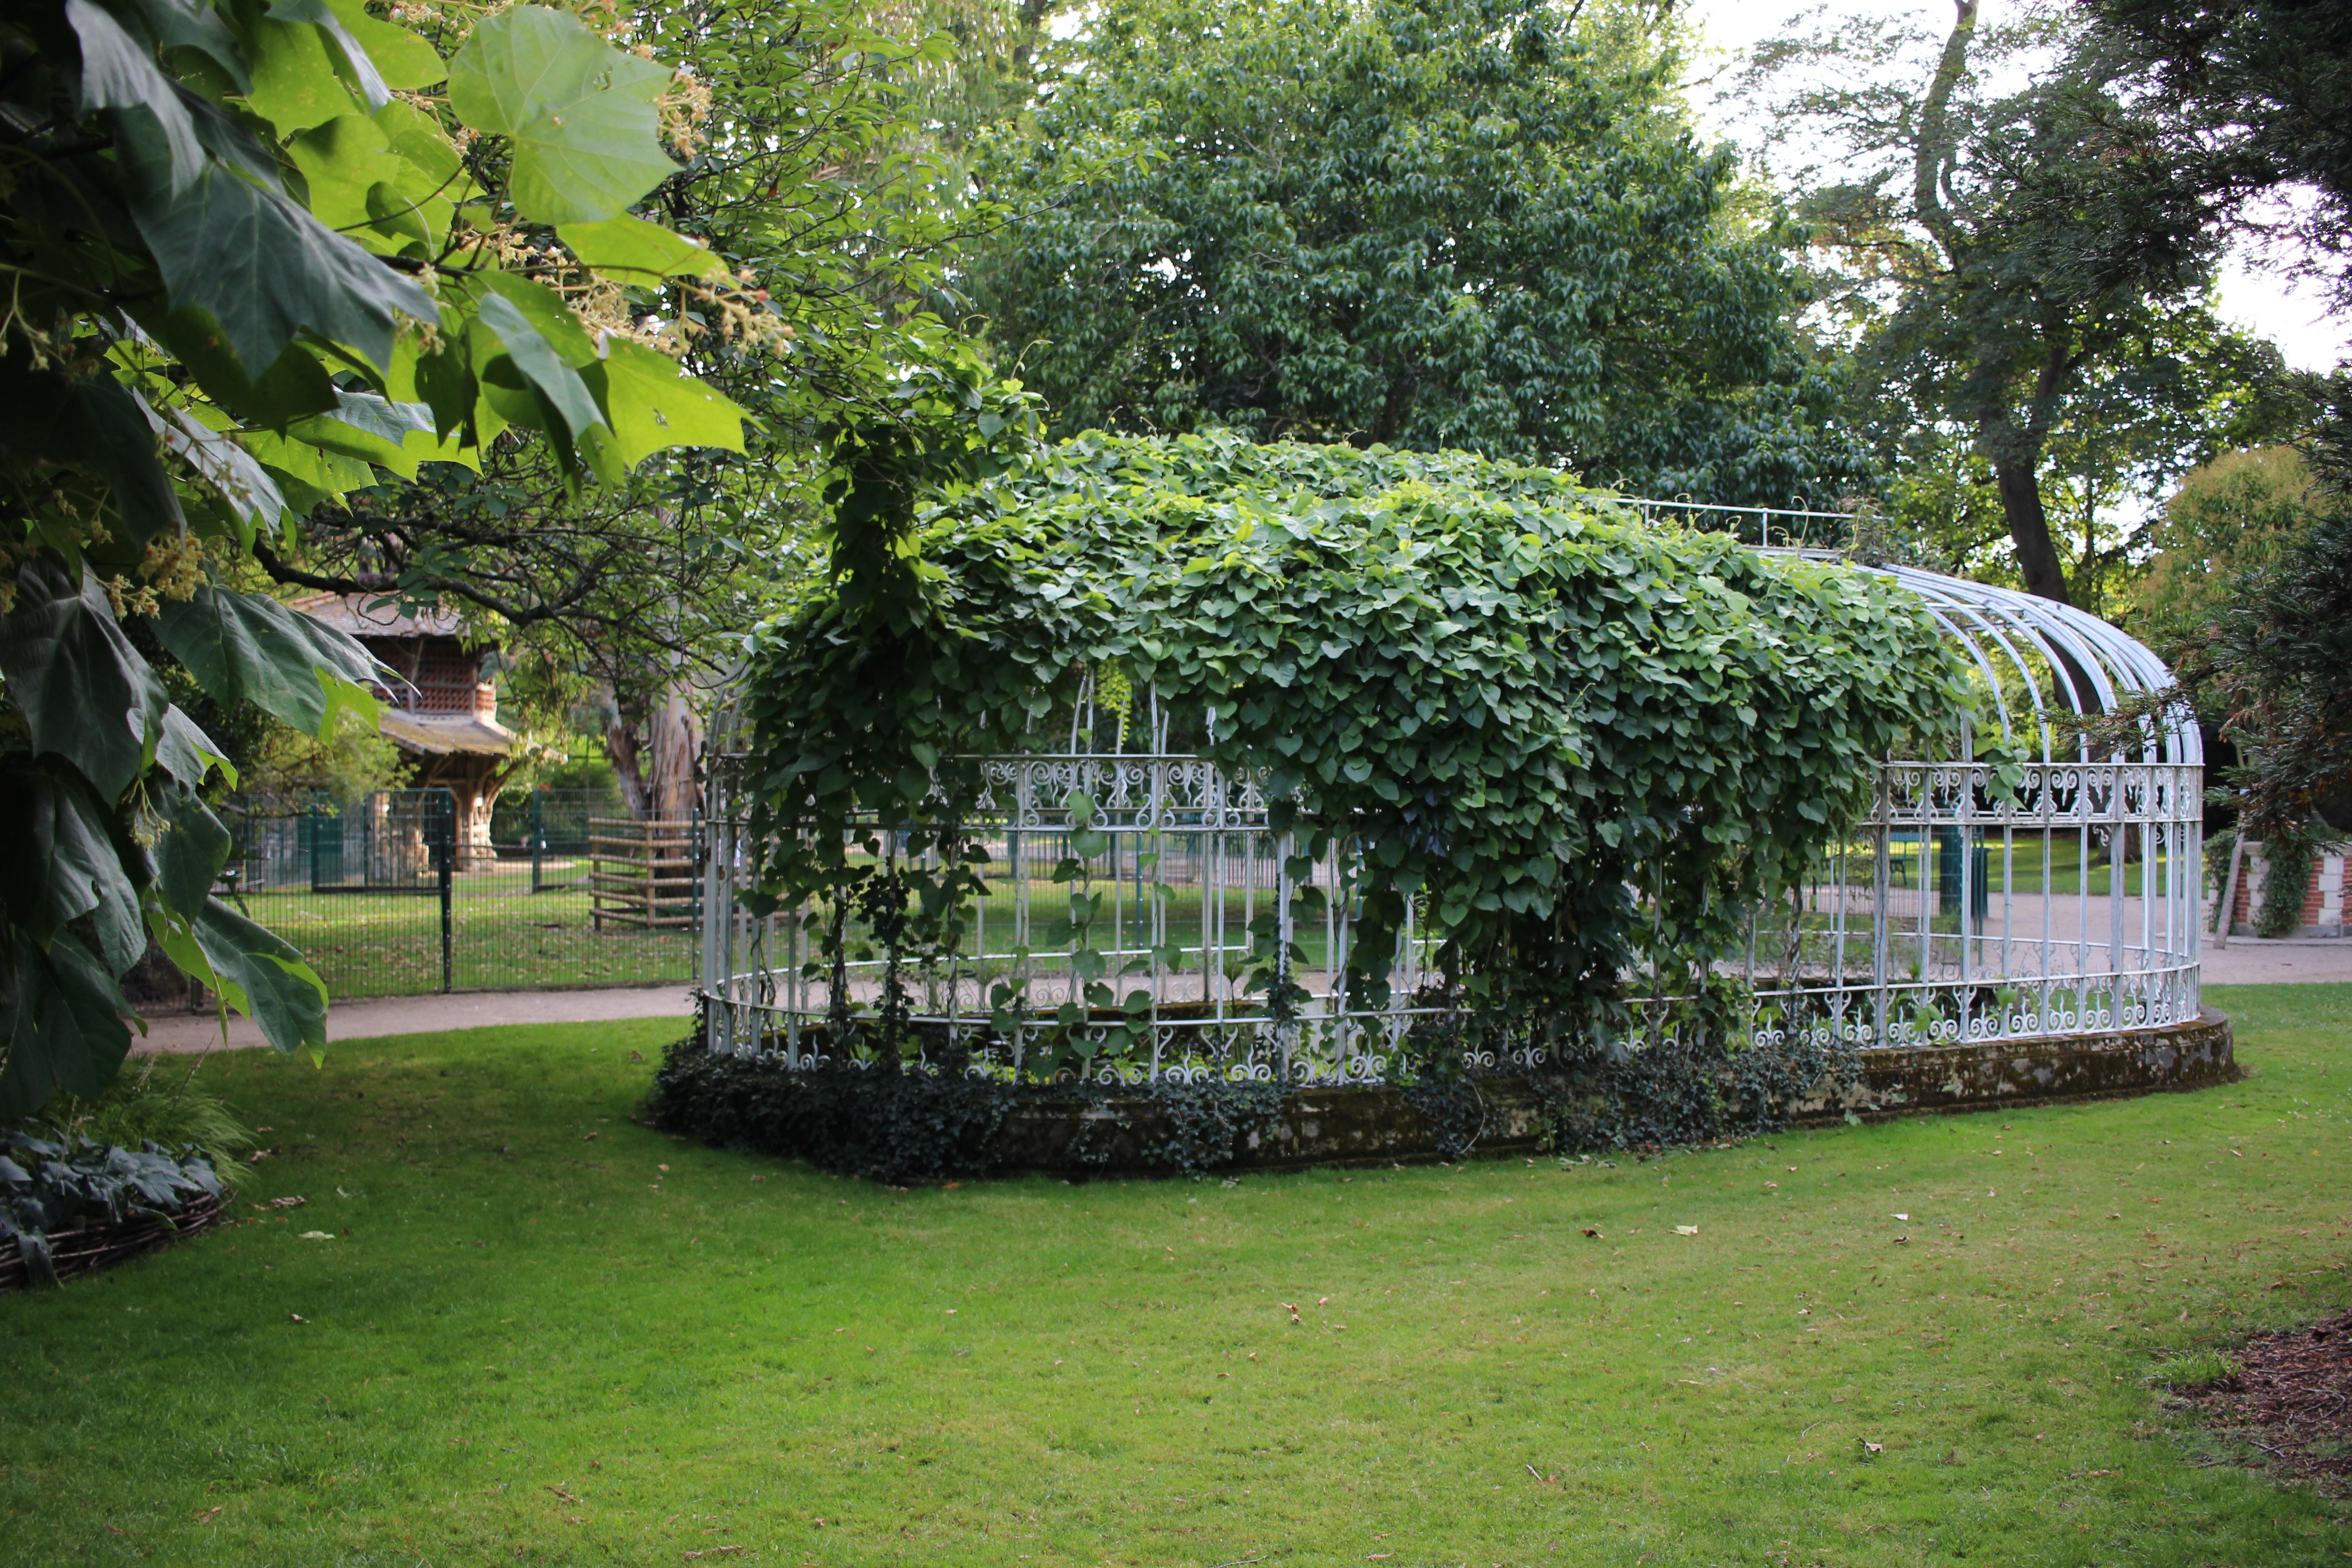 filetours paysage jardin botanique 13jpg - Jardin Botanique De Tours